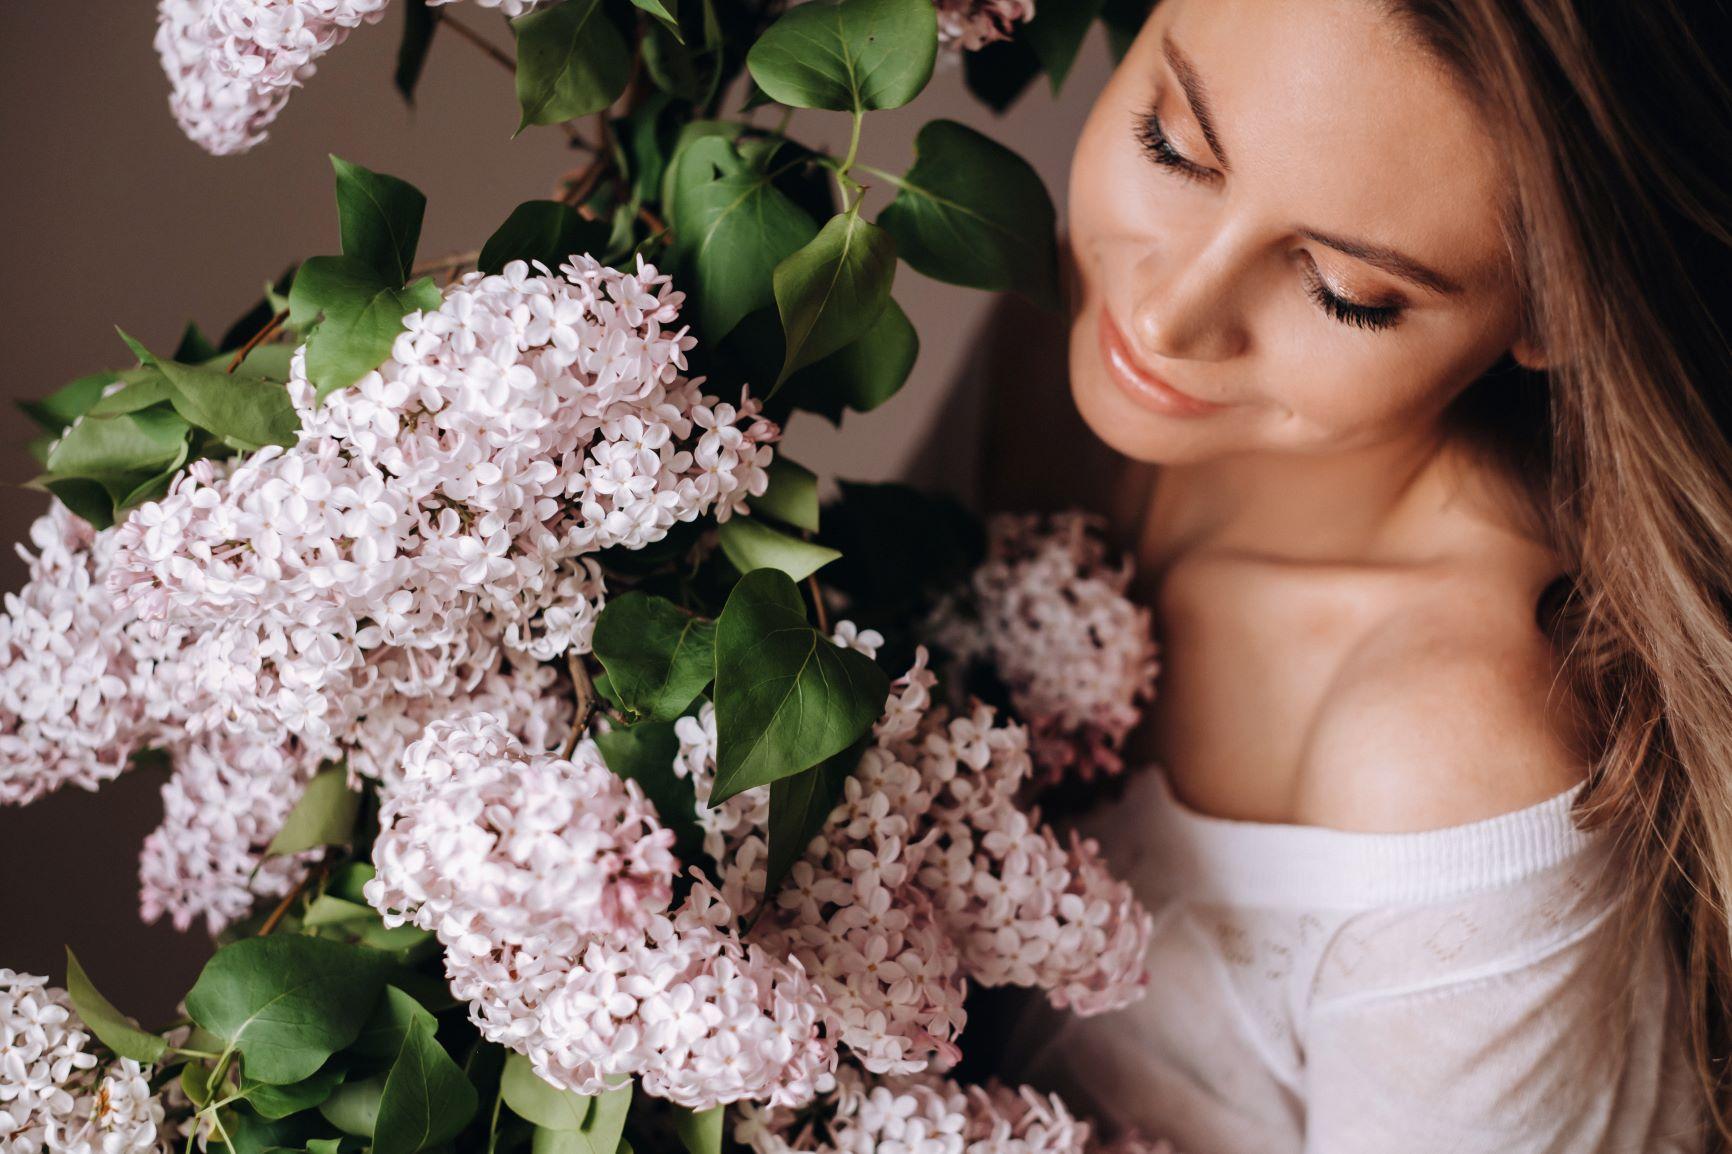 Ricorrenze: spedire fiori a domicilio